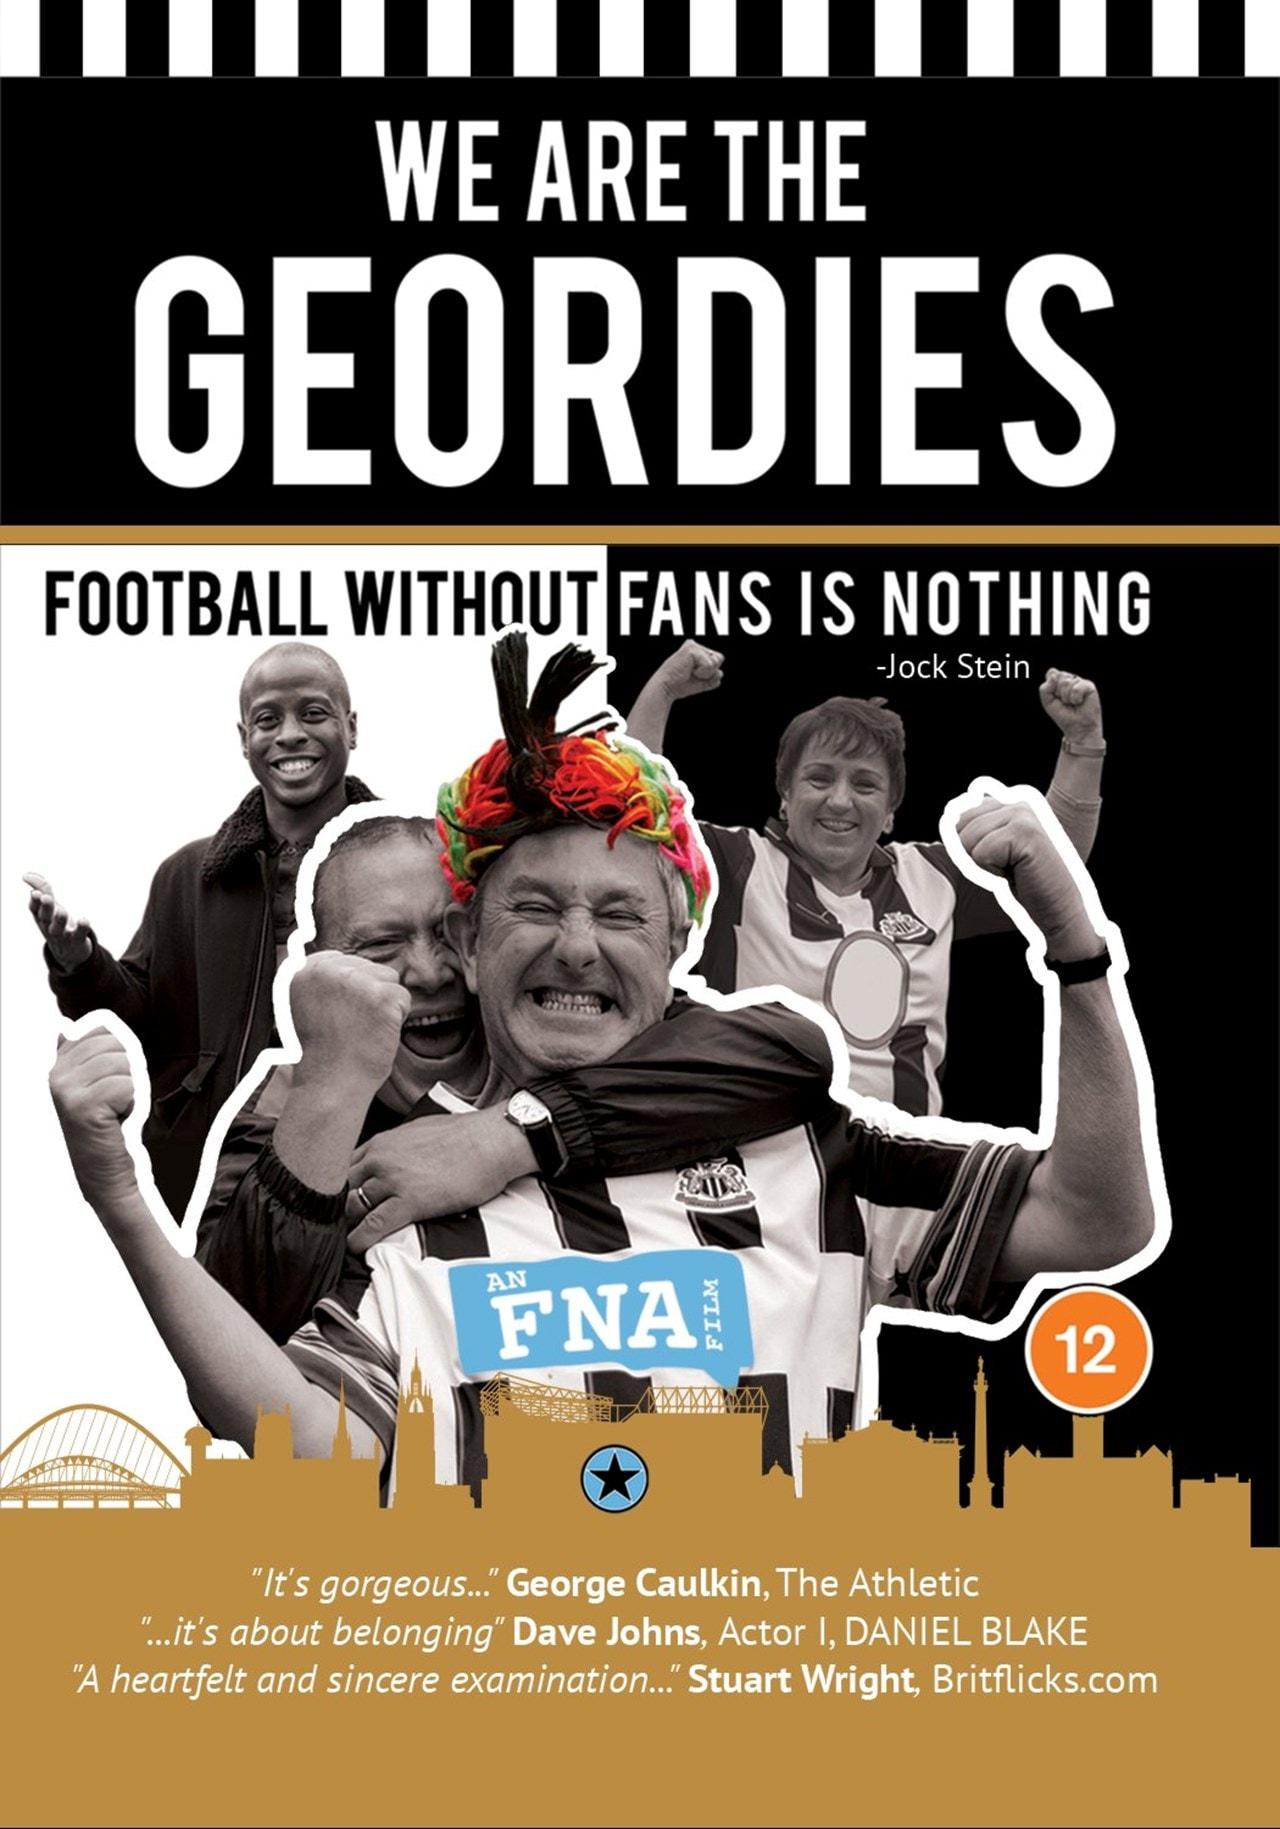 We Are the Geordies - 1